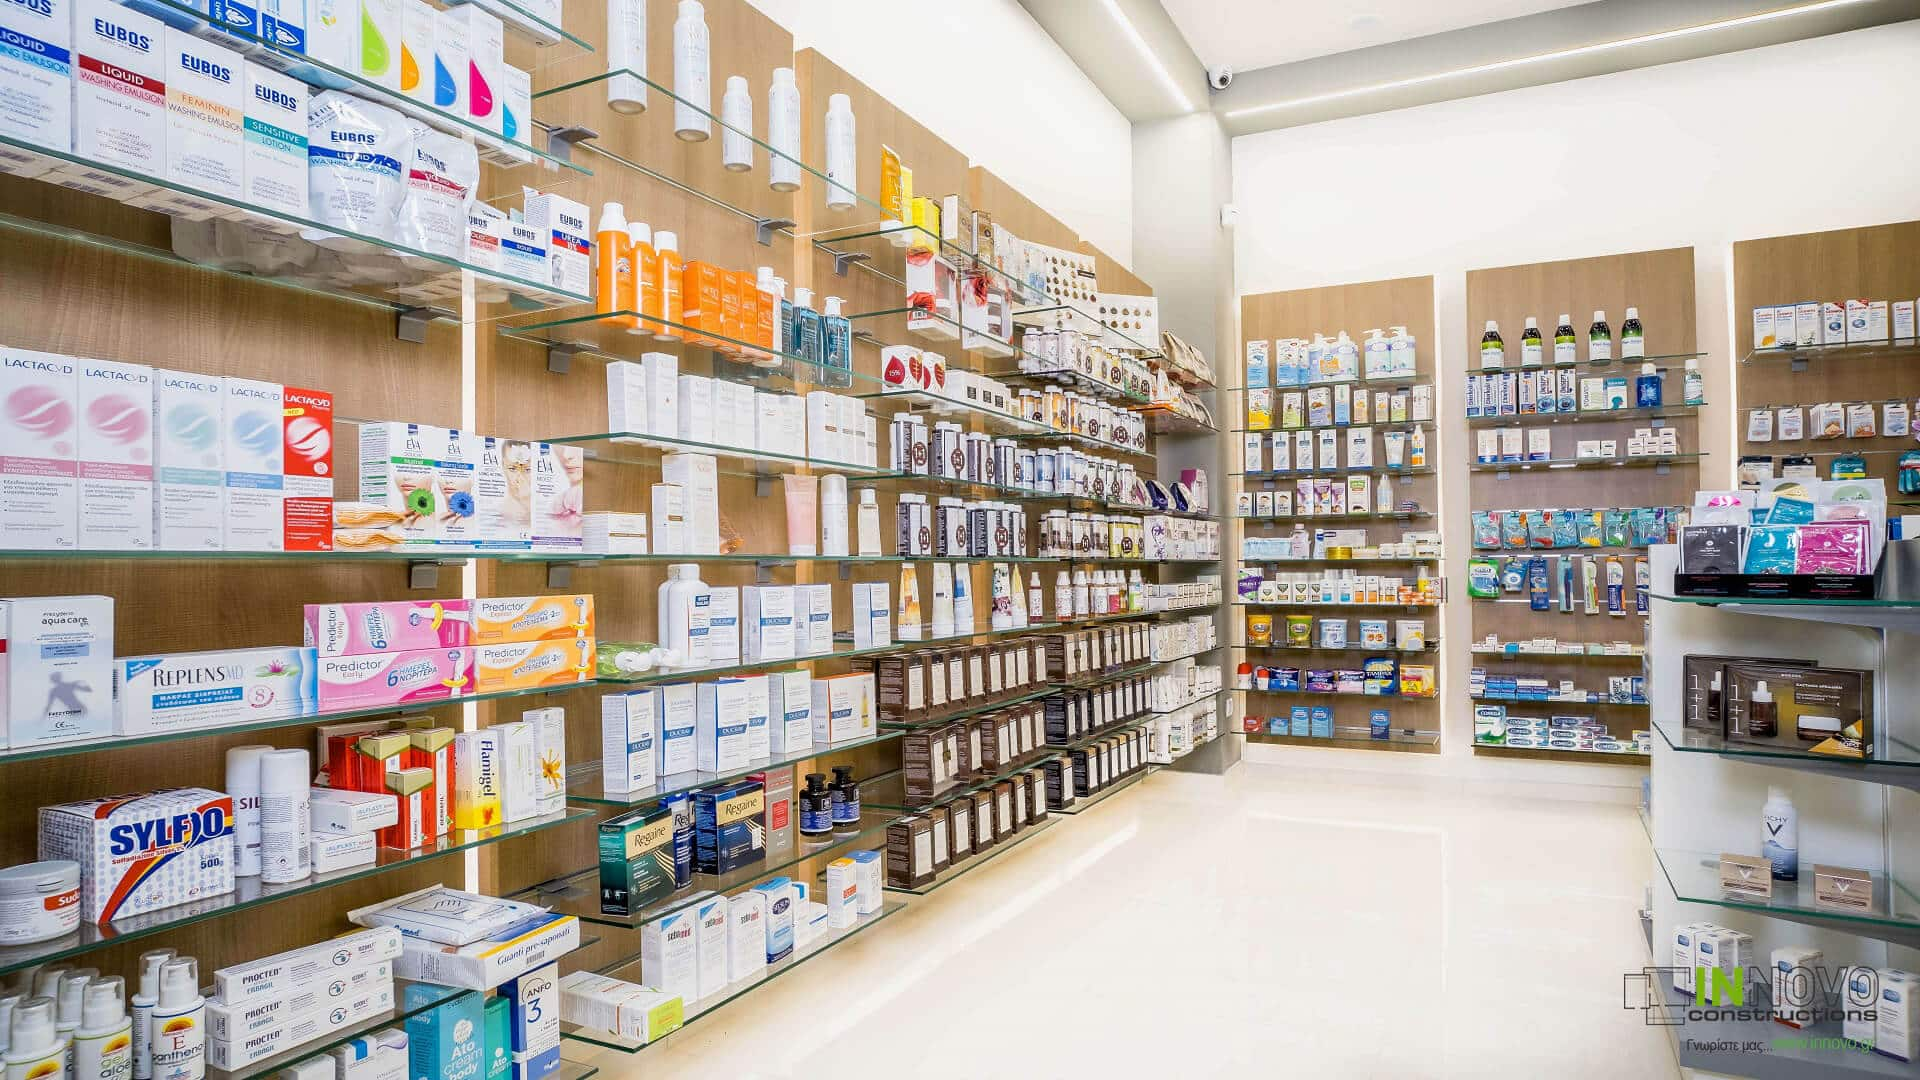 Σχεδιασμός μελέτης Φαρμακείου στην Ηλιούπολη